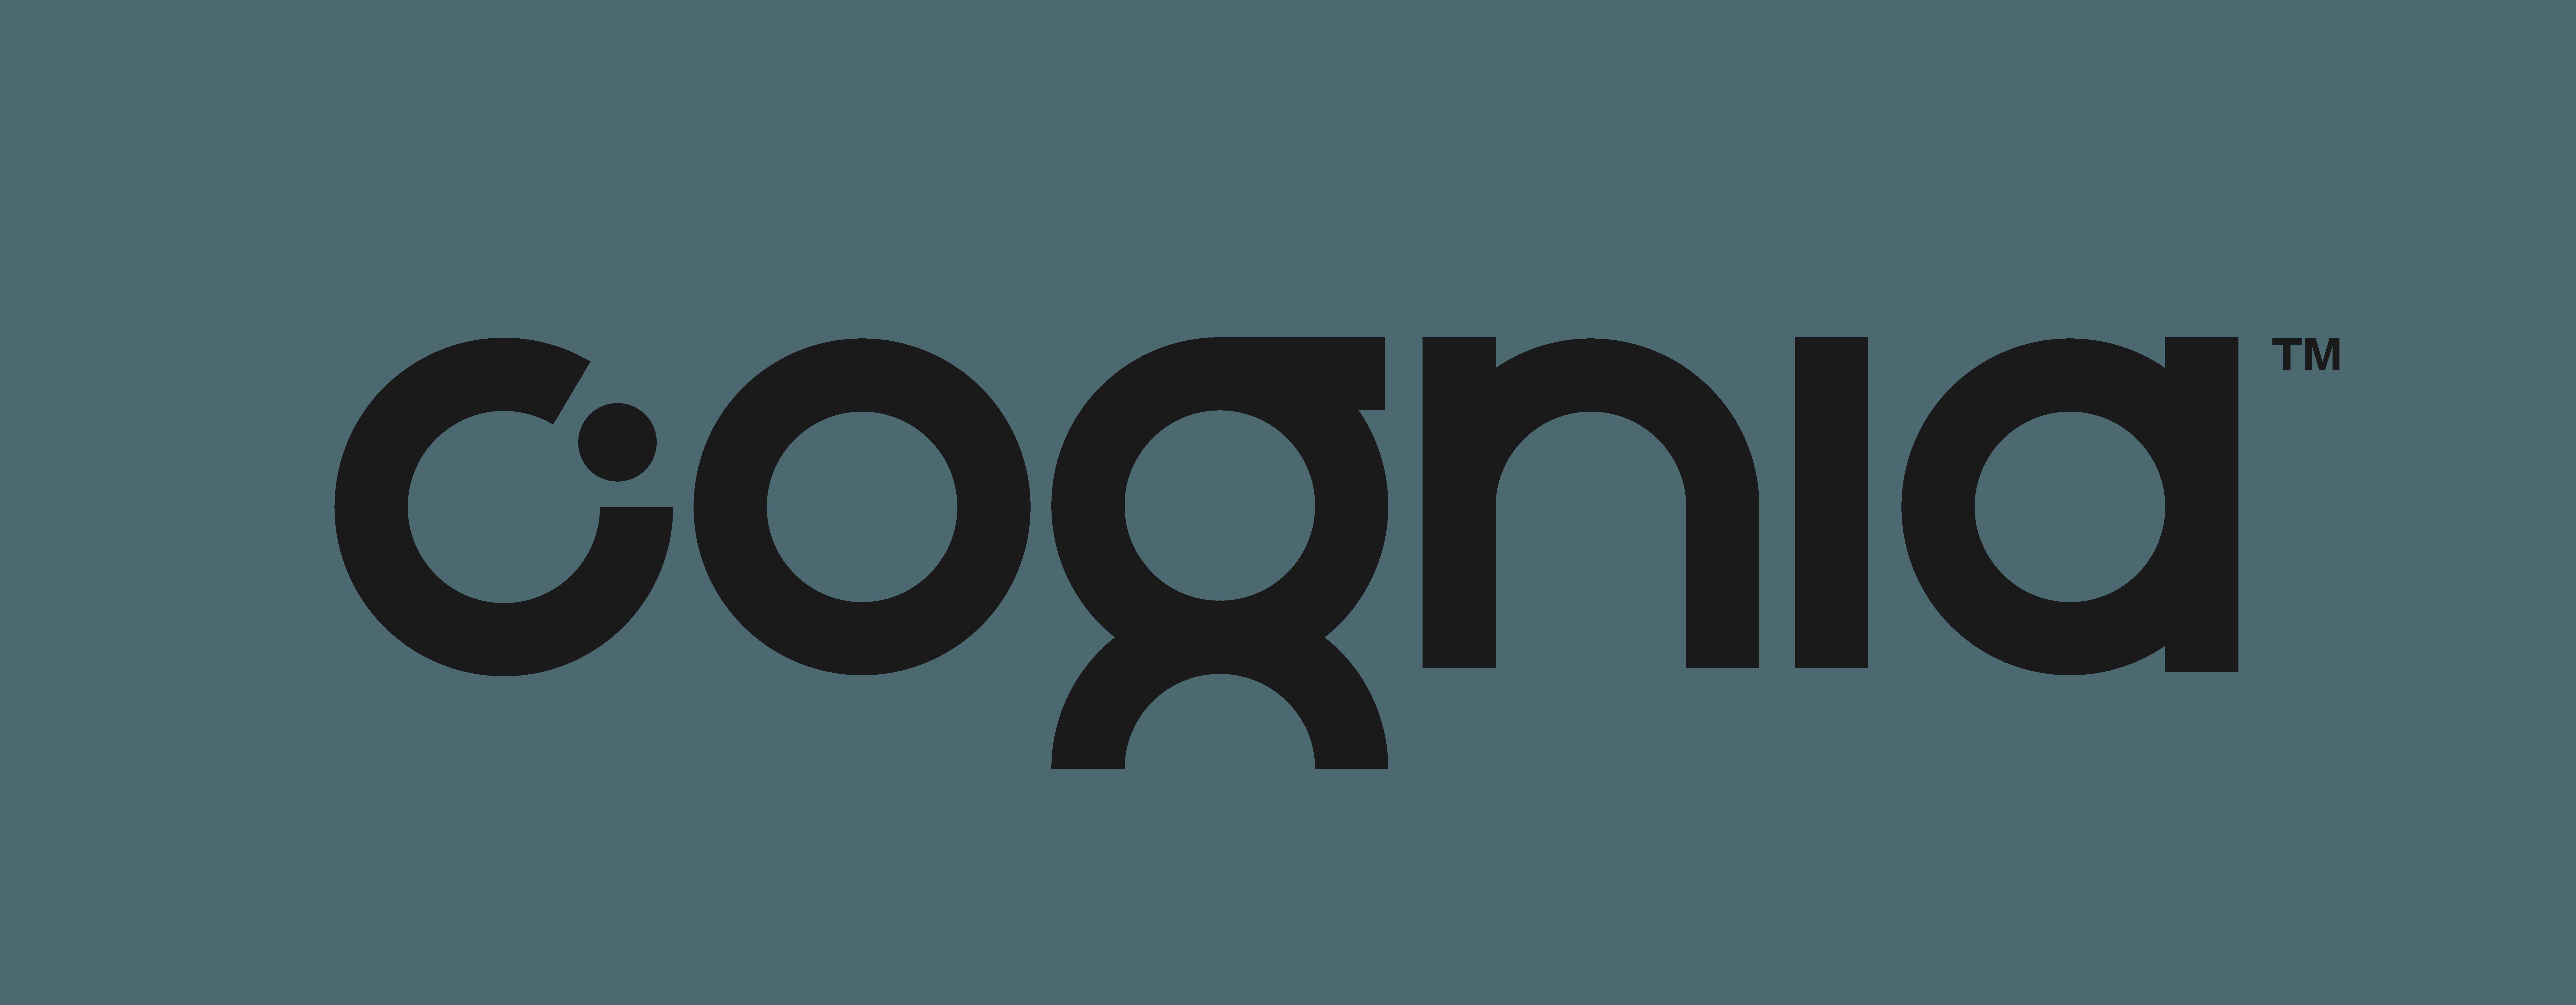 cognia_rgb_logotype_onecolor